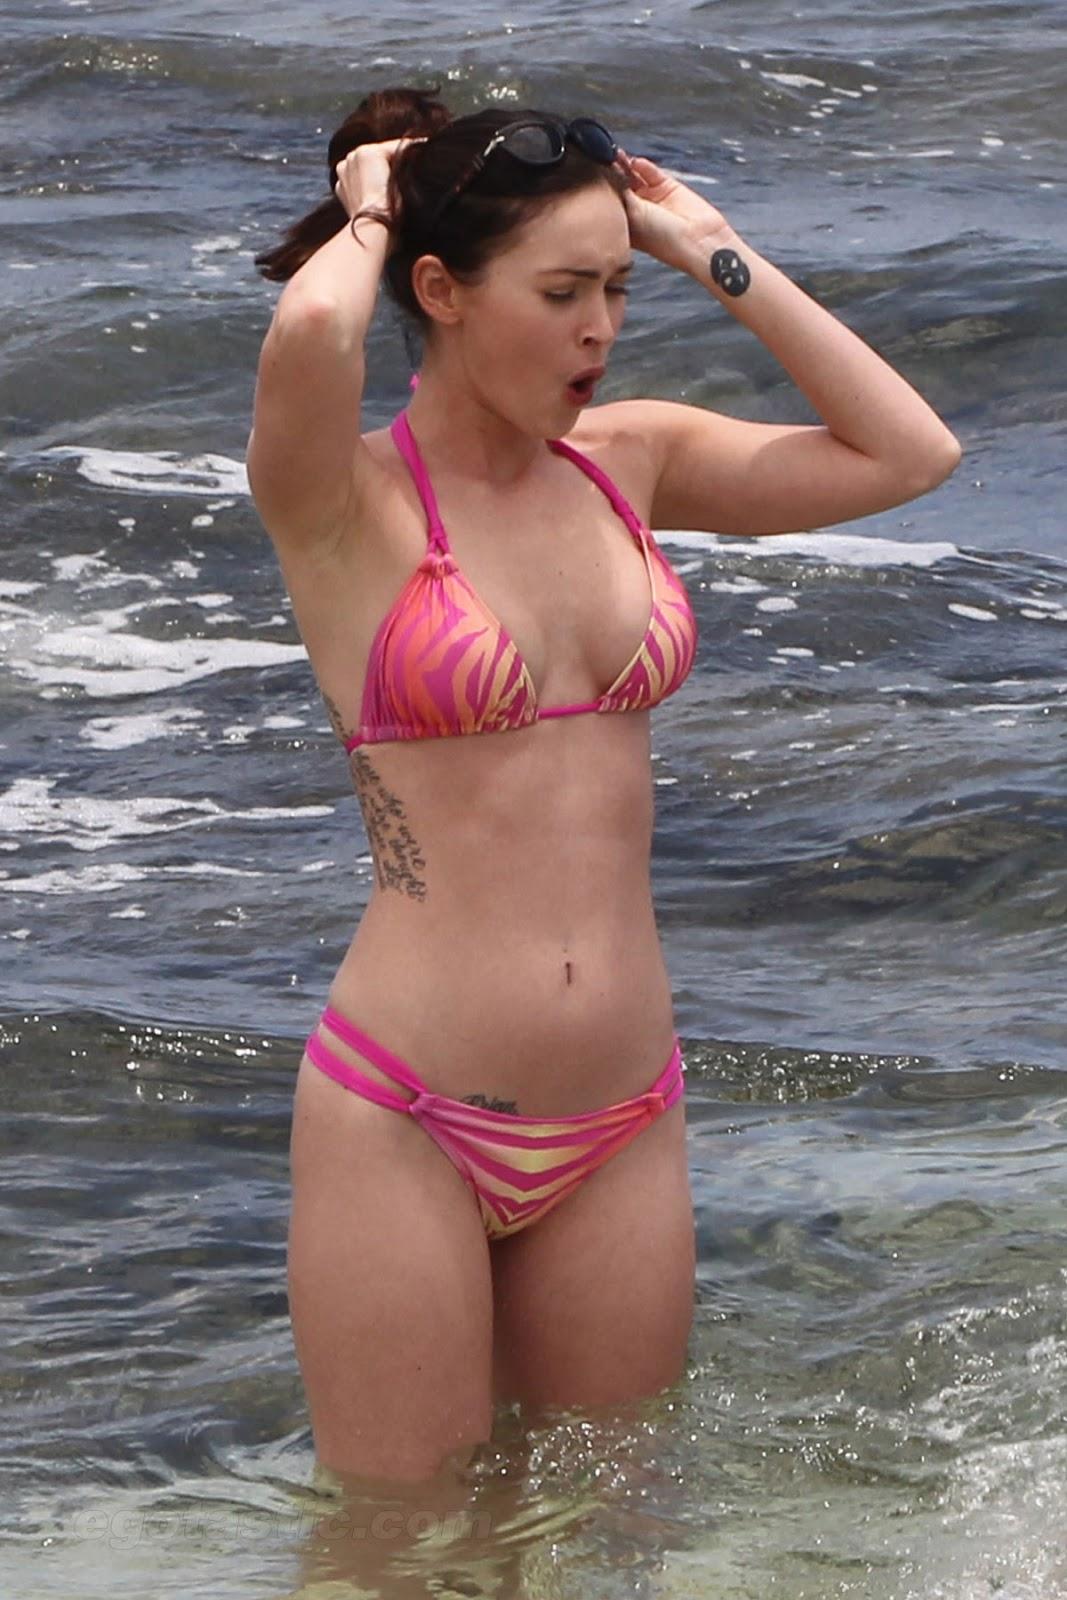 bikini Gina bellman